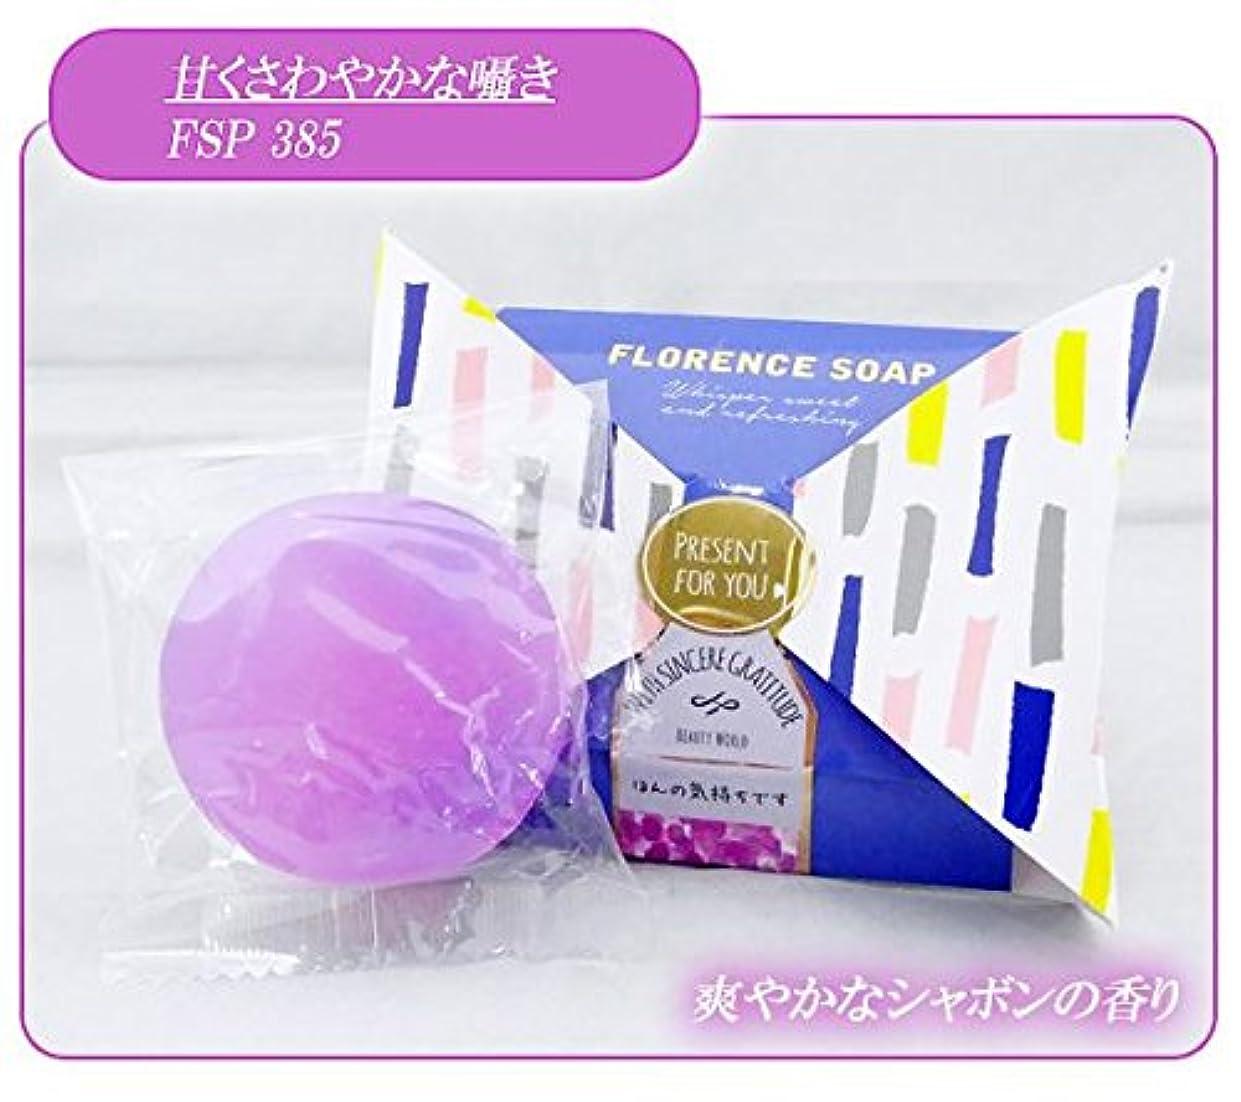 説教最後に等価ビューティーワールド BWフローレンスの香り石けん リボンパッケージ 6個セット 甘くさわやかな囁き